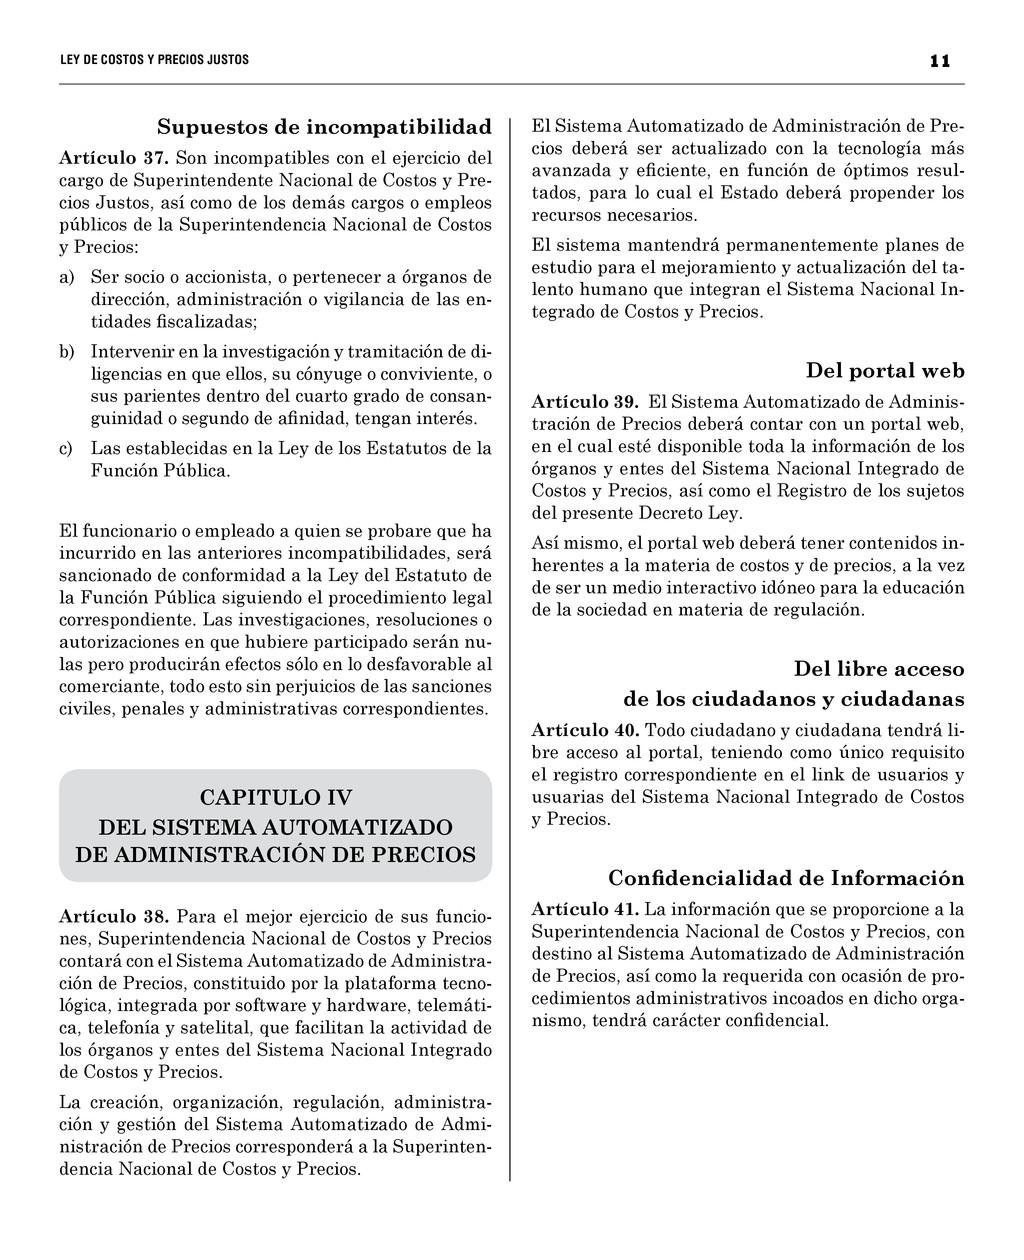 11 LEY DE COSTOS Y PRECIOS JUST...